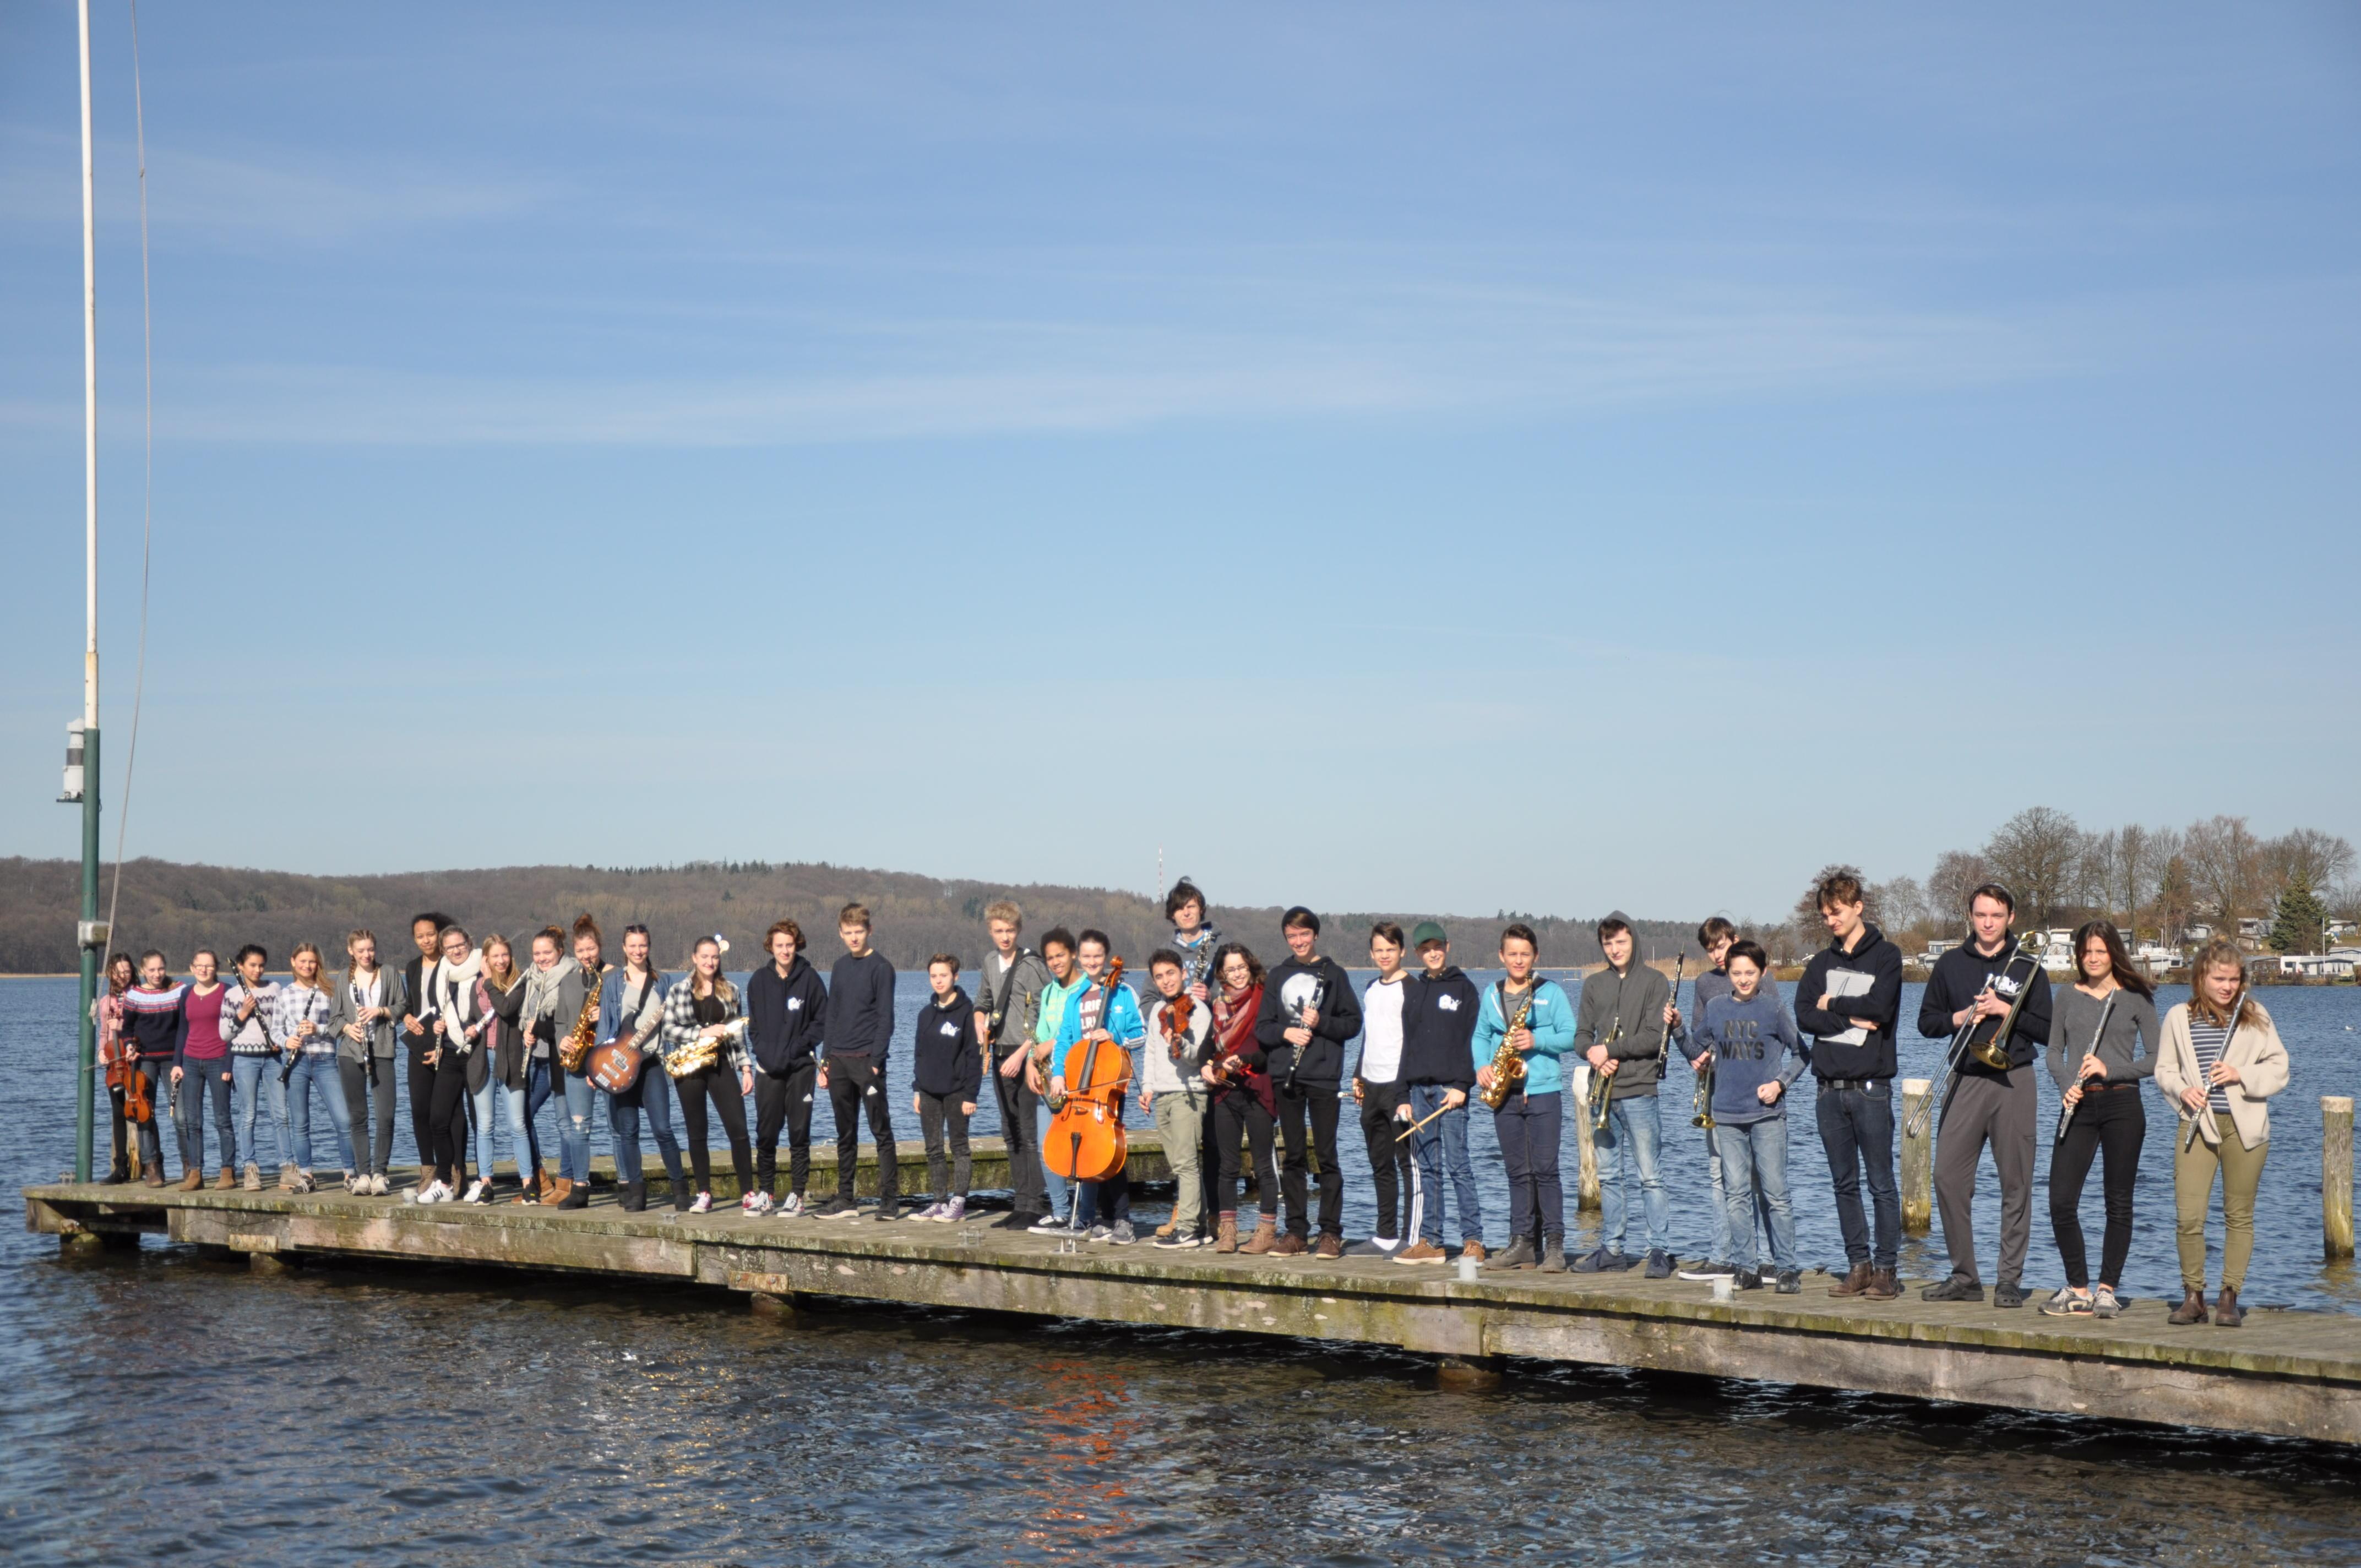 Probenfreizeit des Bigband-Orchesters am Ratzeburger See